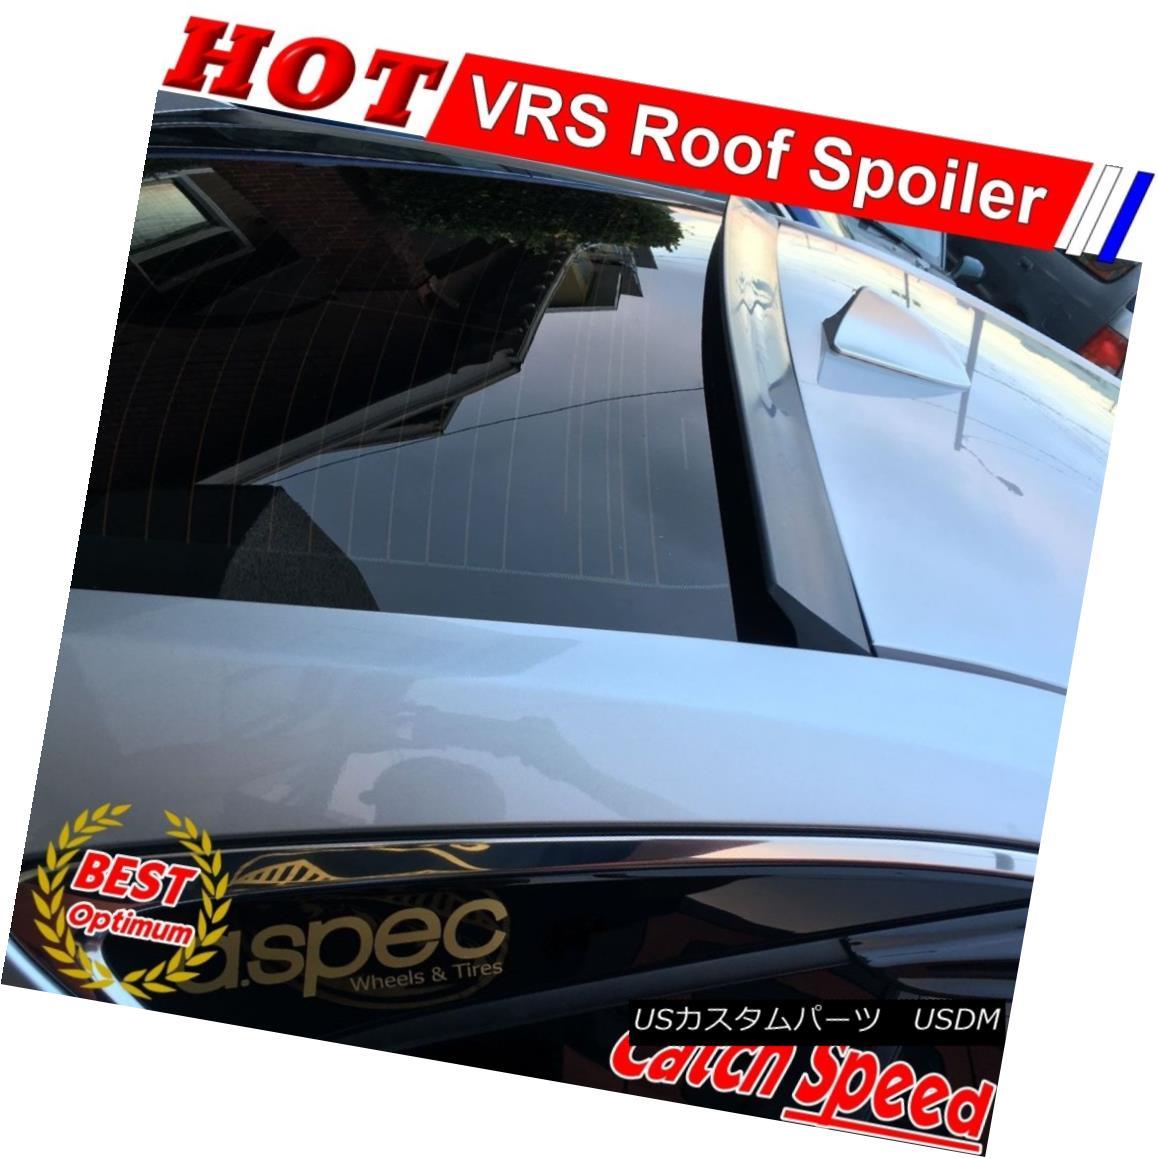 エアロパーツ Flat Black VRS Style Rear Roof Spoiler Wing For Dodge Avenger 2008~2011 Sedan フラットブラックVRSスタイルリアルーフスポイラーウイングドッジアヴェンジャー2008?2011セダン